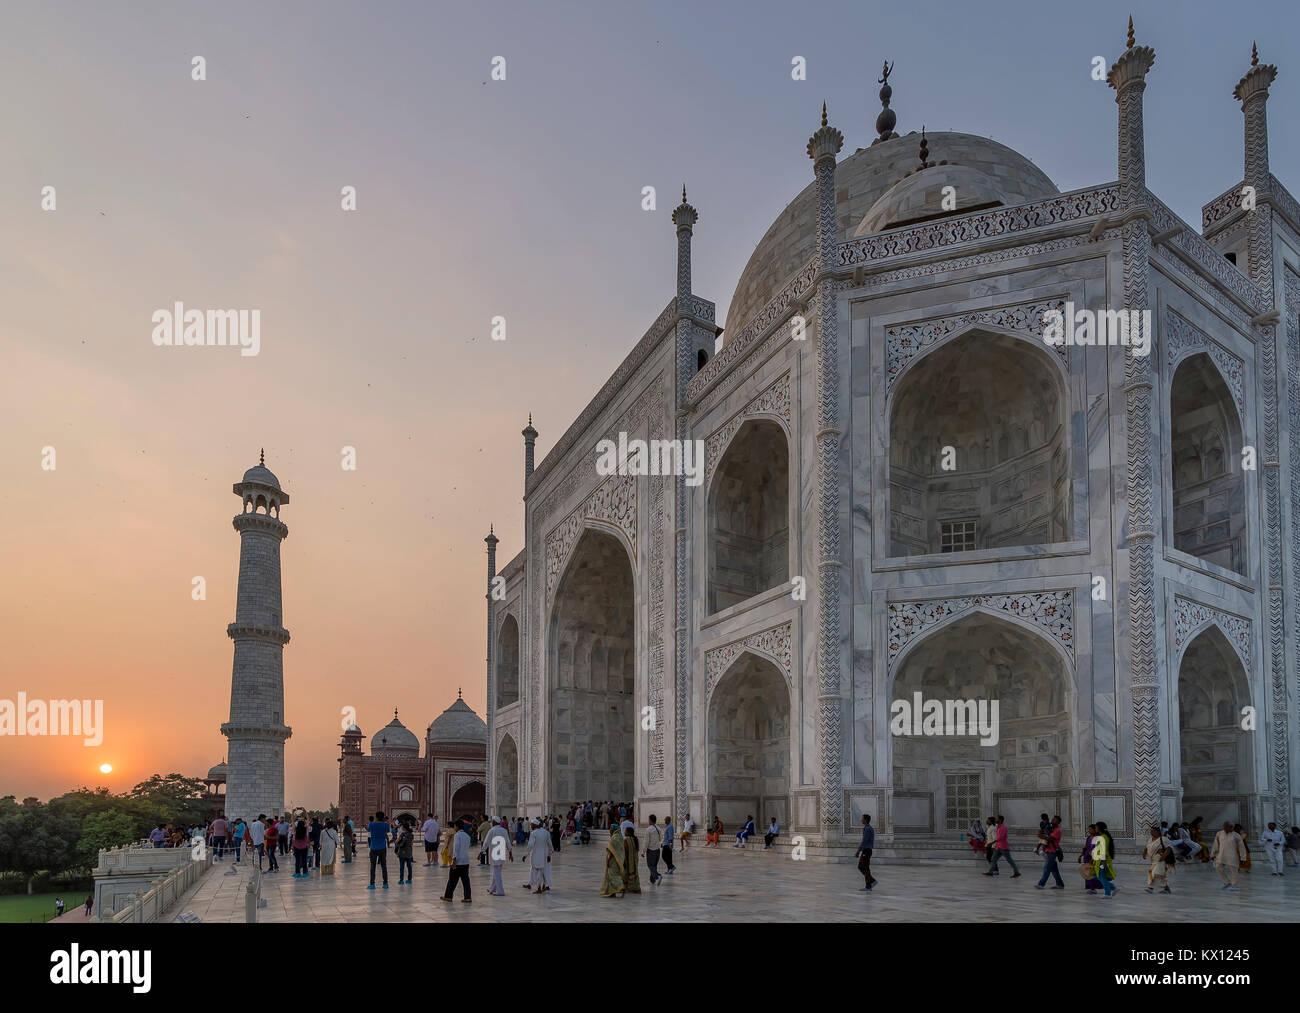 Taj Mahal in einem wunderschönen Sonnenuntergang Licht, Agra, Uttar Pradesh, Indien Stockbild